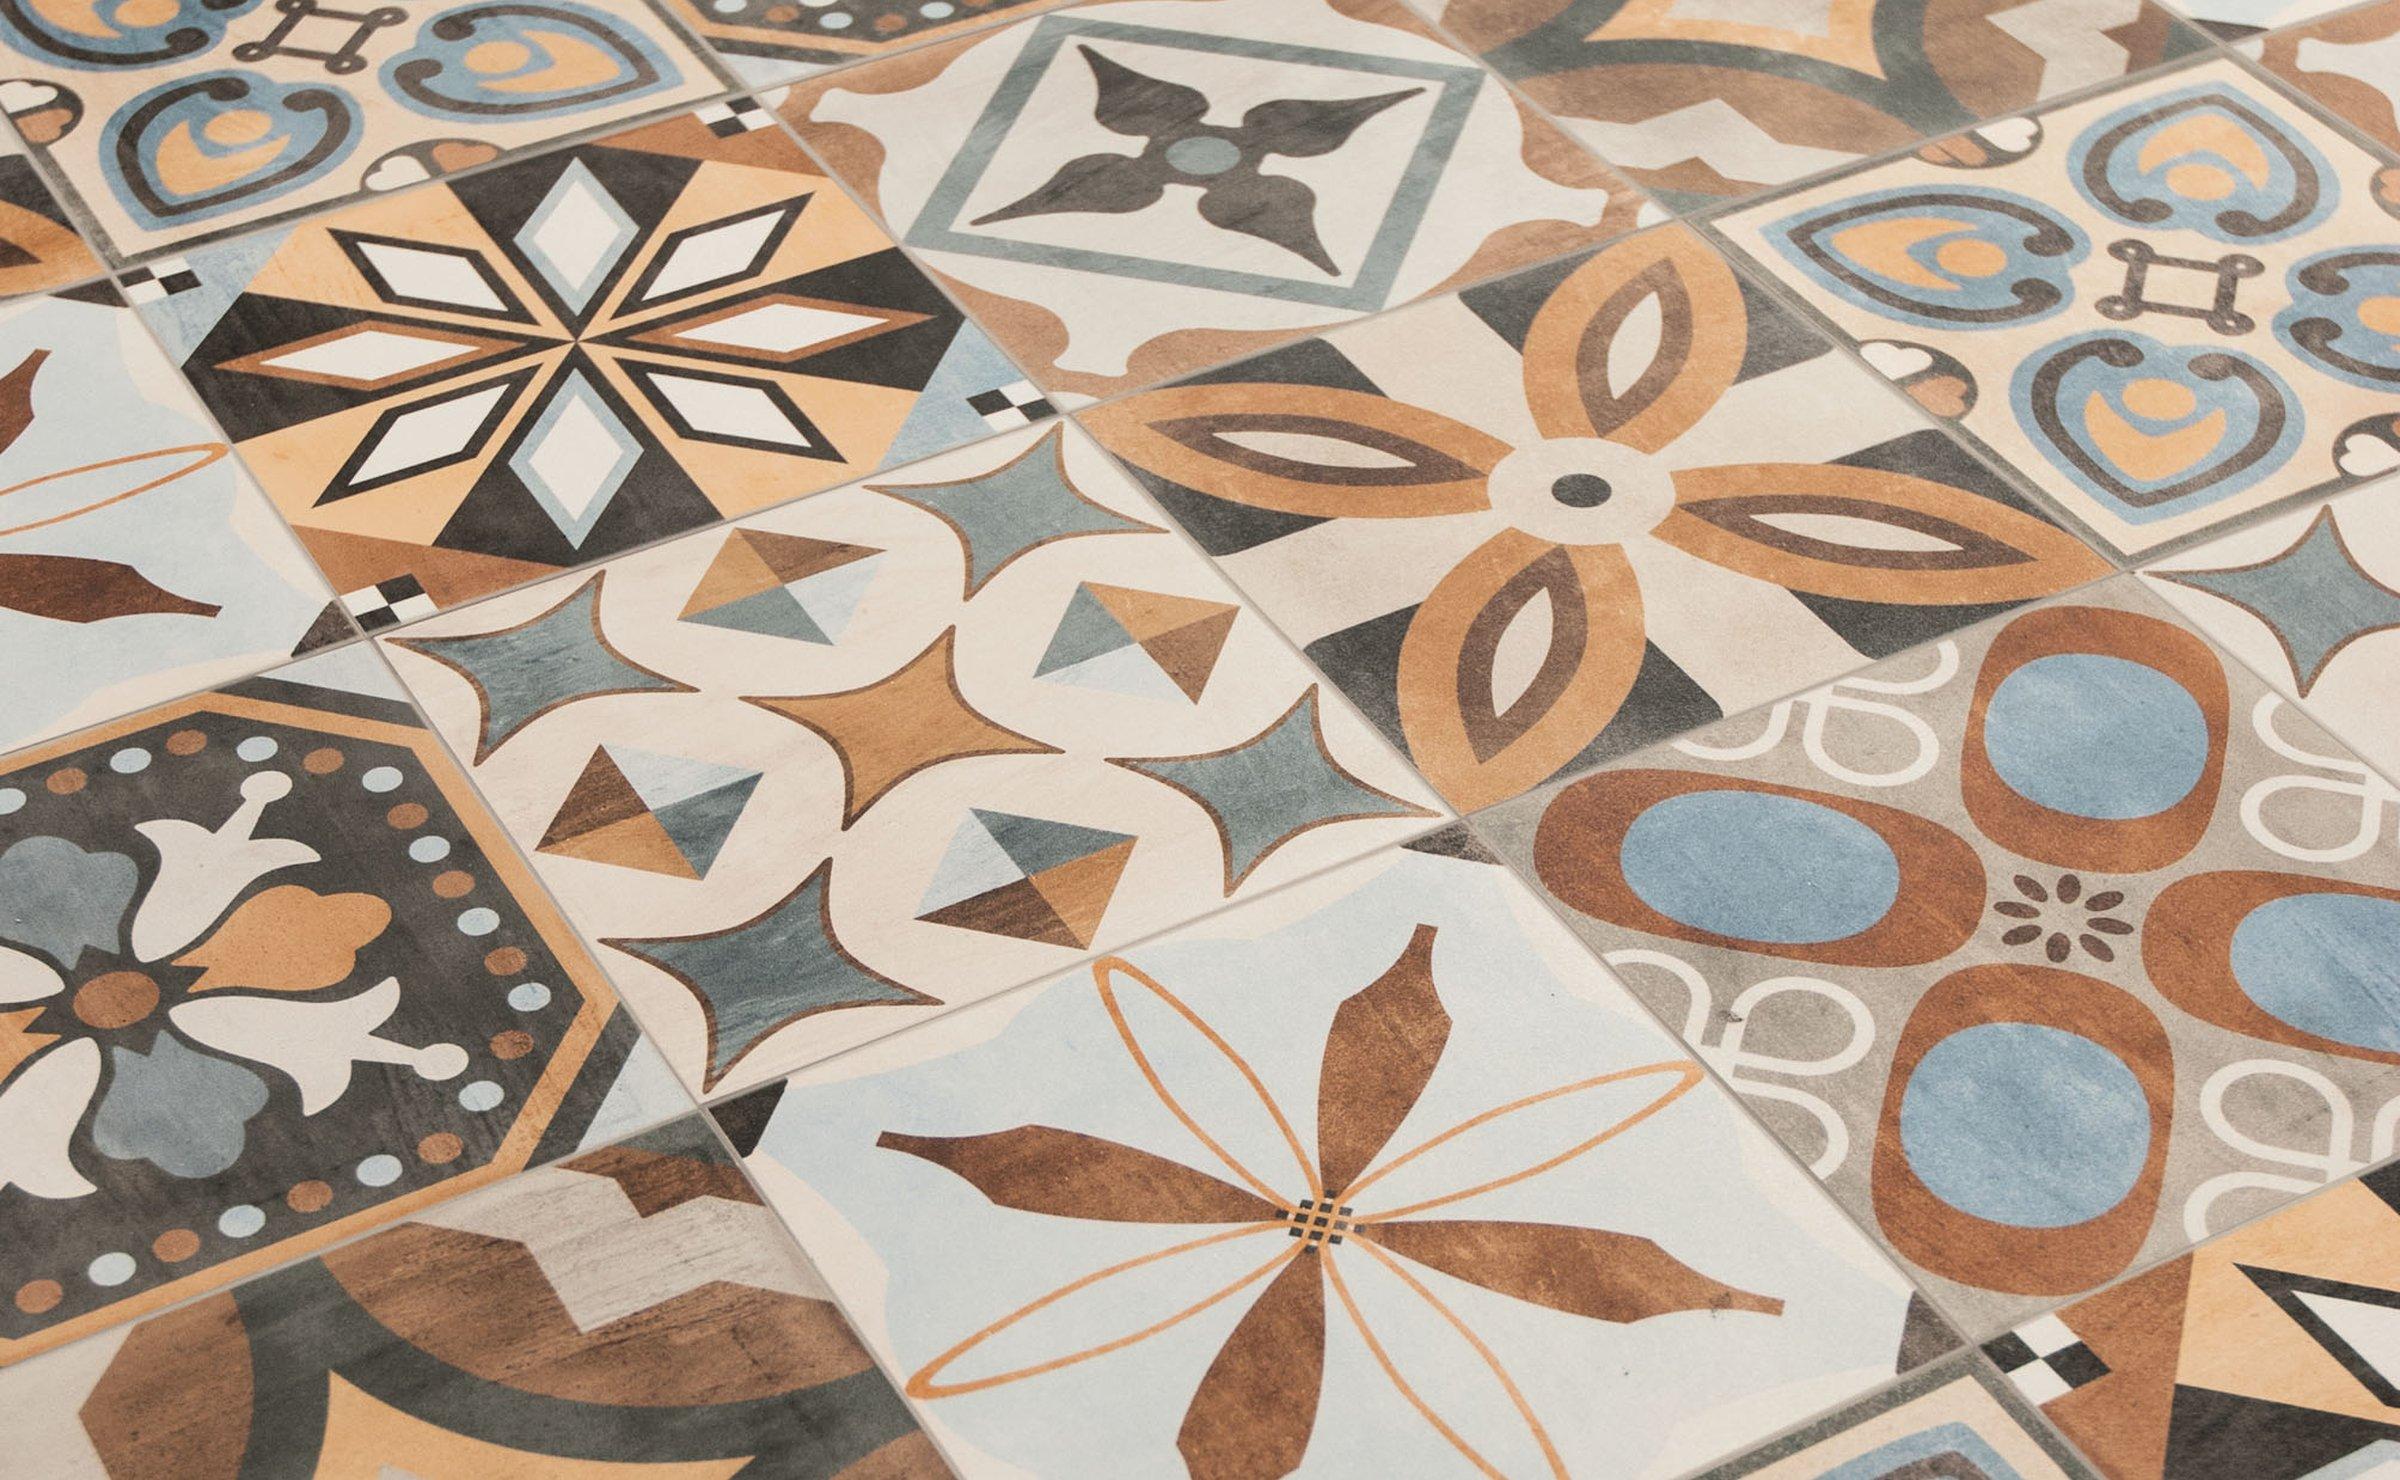 Listino Prezzi Elios Ceramiche.Pastorelli Ceramiche Edilceramiche Di Maccano